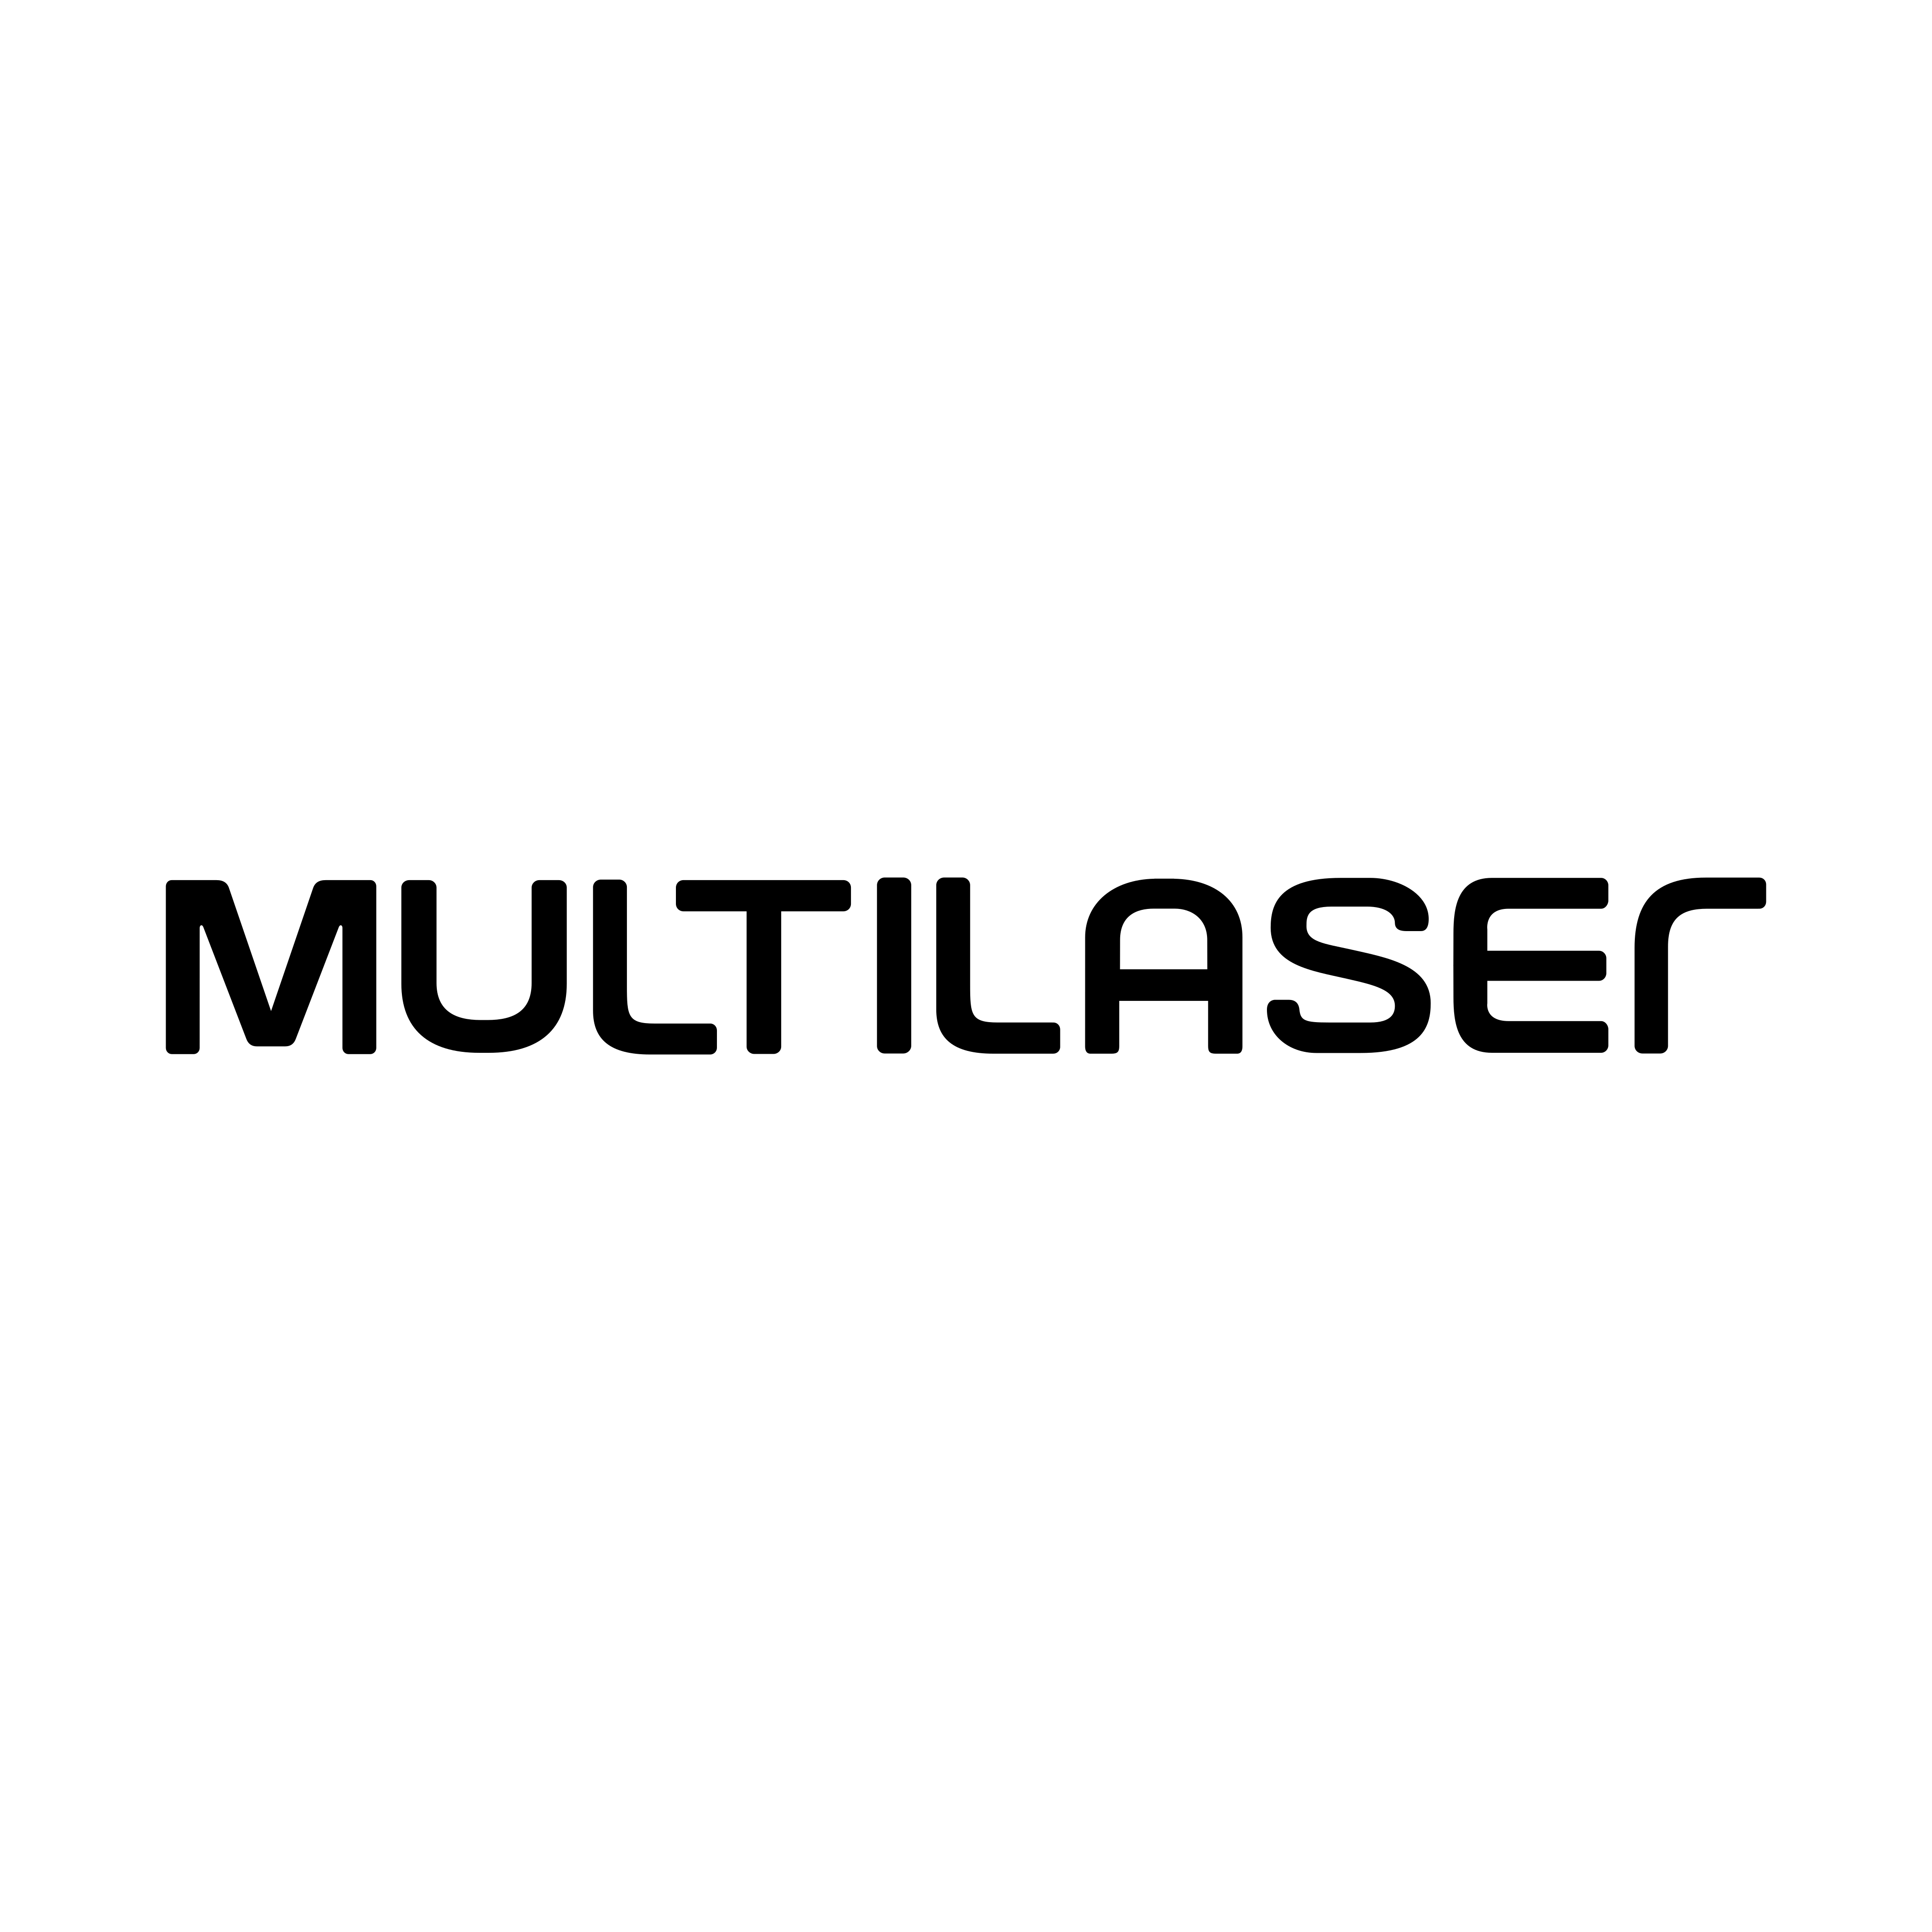 multilaser logo 0 - Multilaser Logo